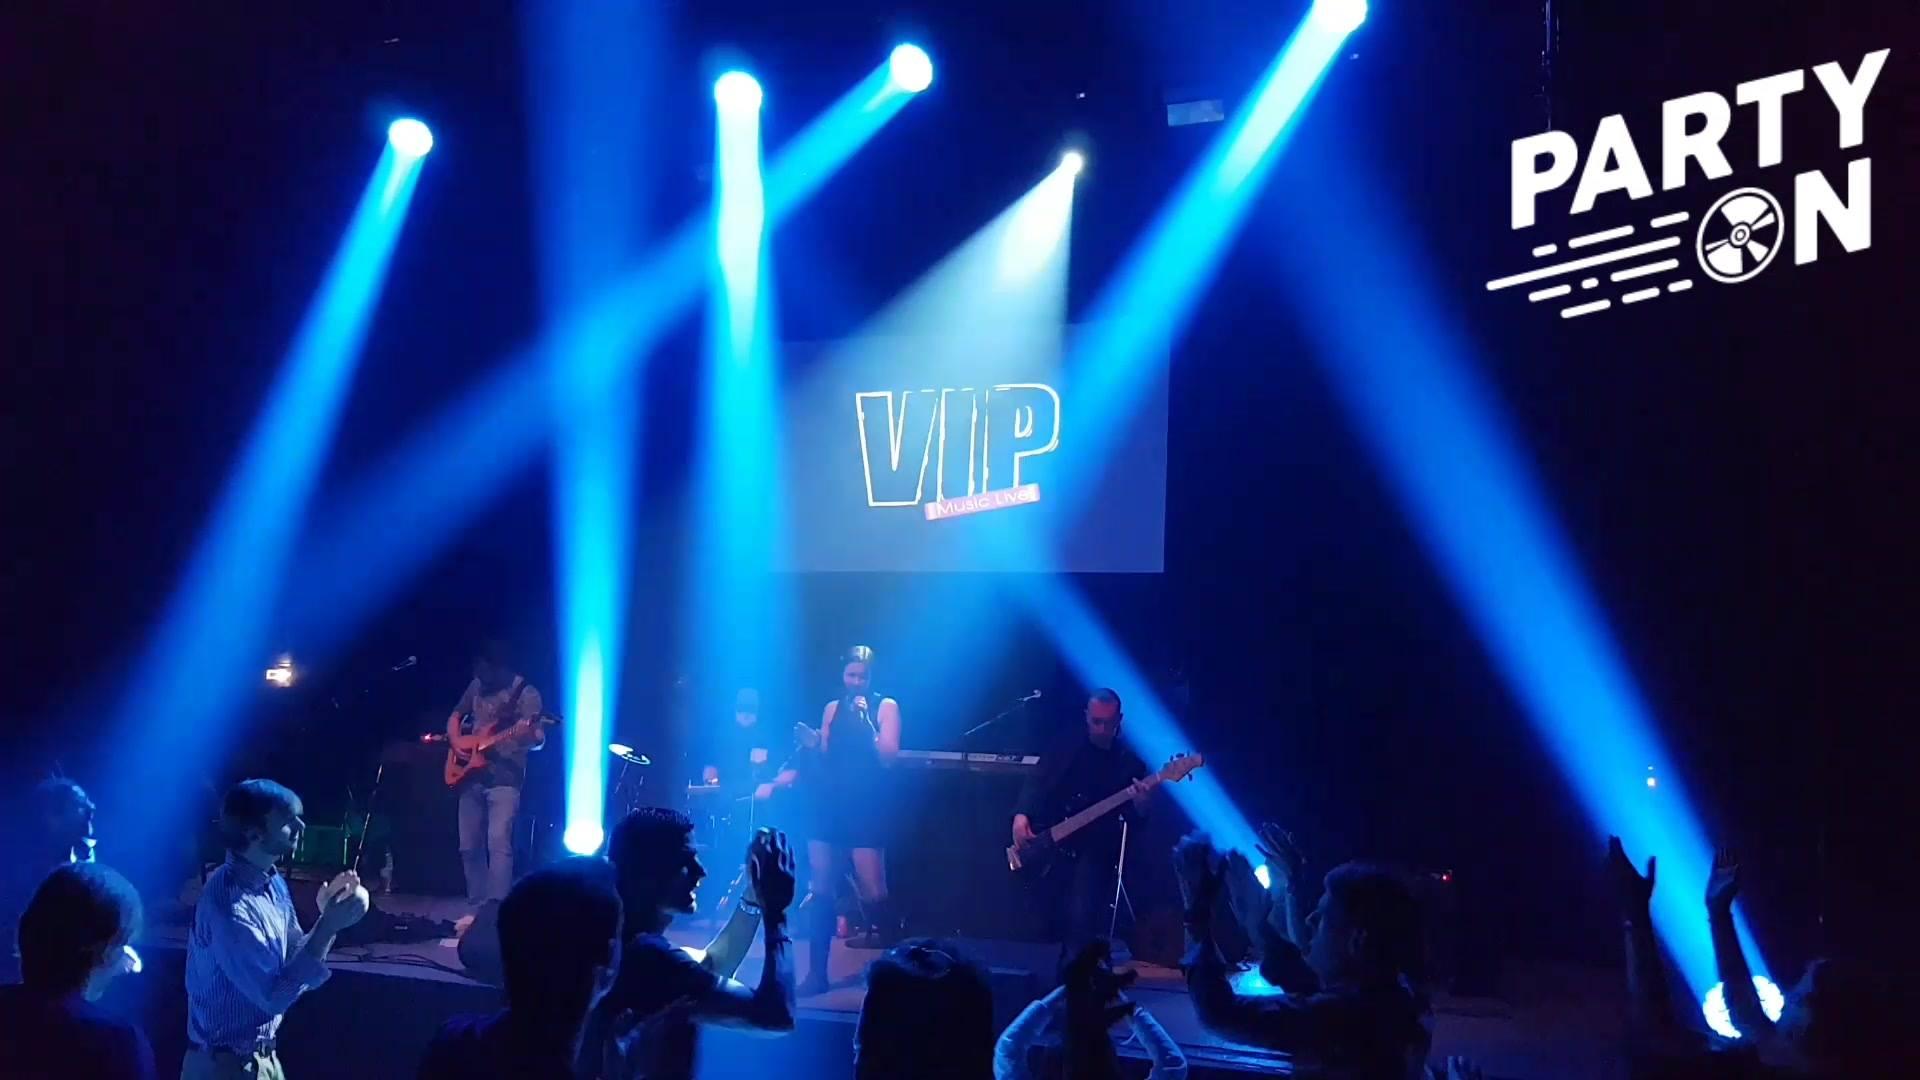 Pour tous vos événements !!!  Ambiance avec VIP MUSIC LIVE !!! Superbe soirée pour la Scarpadonf !!! Merci à Olivier,Jean-Yves et toute l'équipe pour l'organisation de l'évènement !!! Merci @ PRODJECT pour la technique !!! #event#prodject